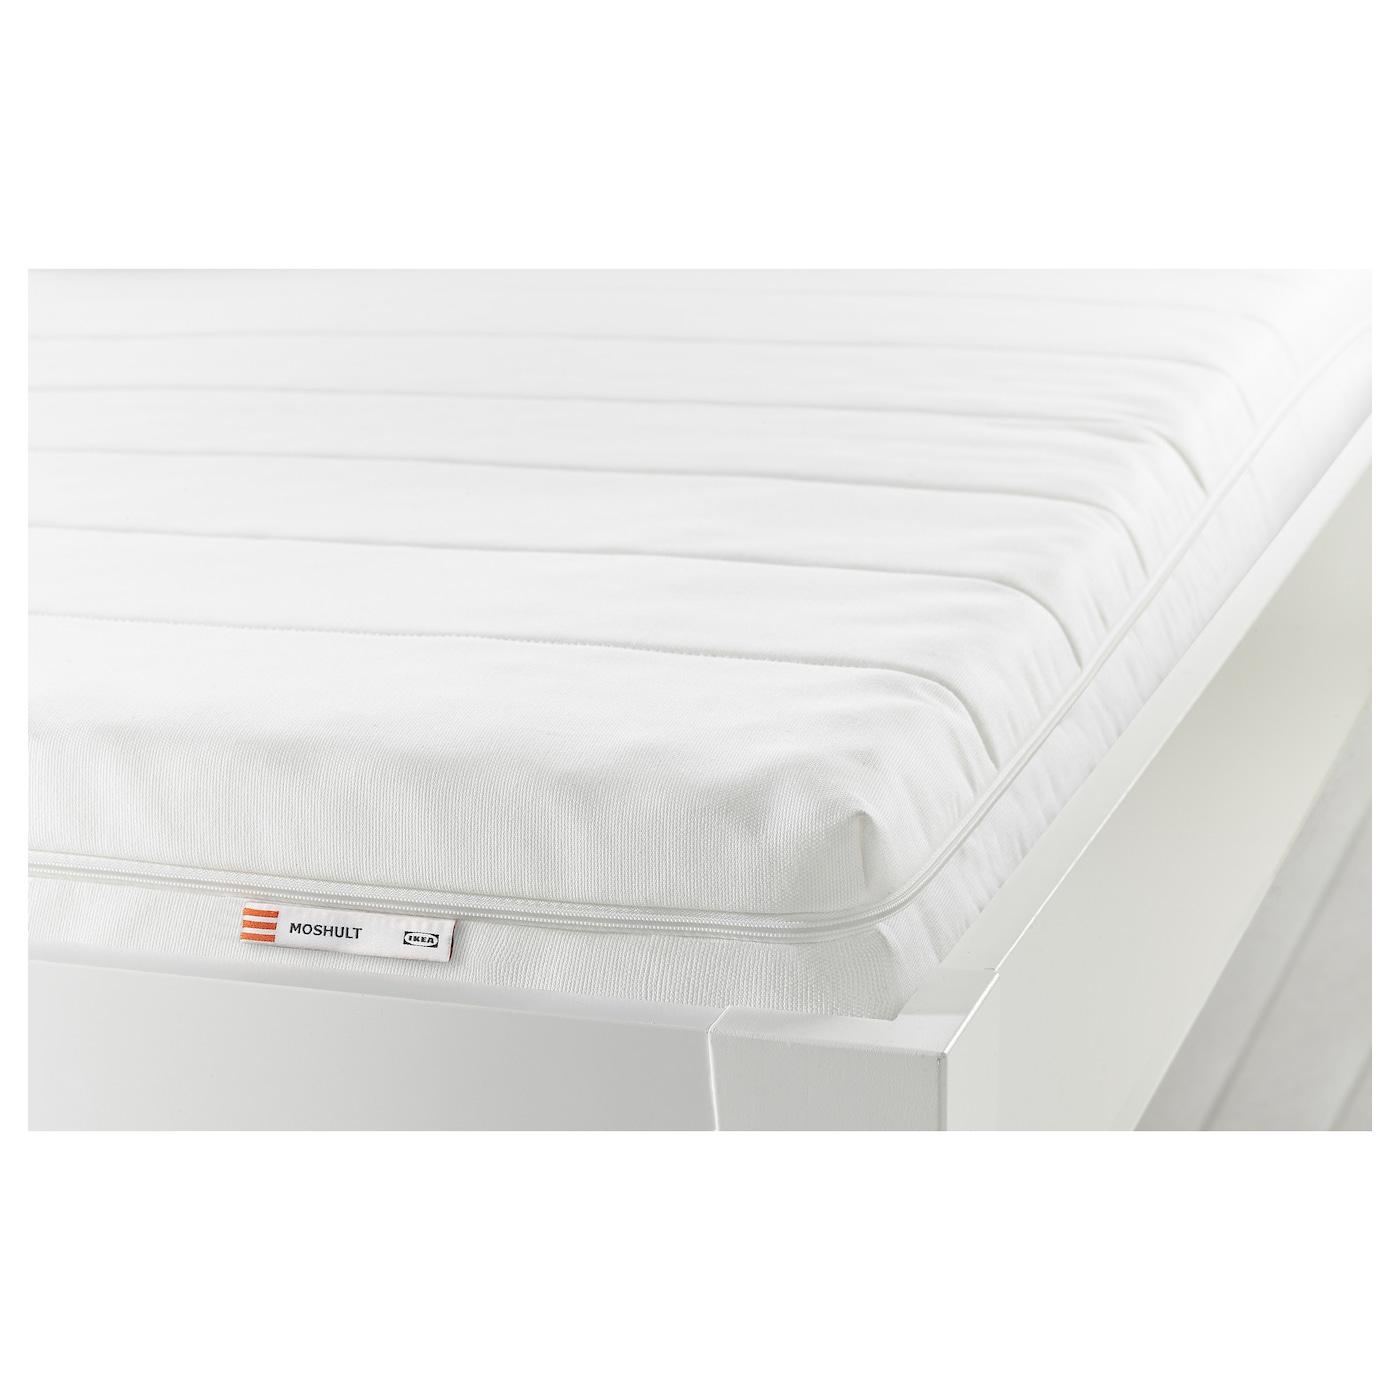 MOSHULT | Schlafzimmer > Matratzen > Viscoschaum-Matratzen | Weiß | IKEA